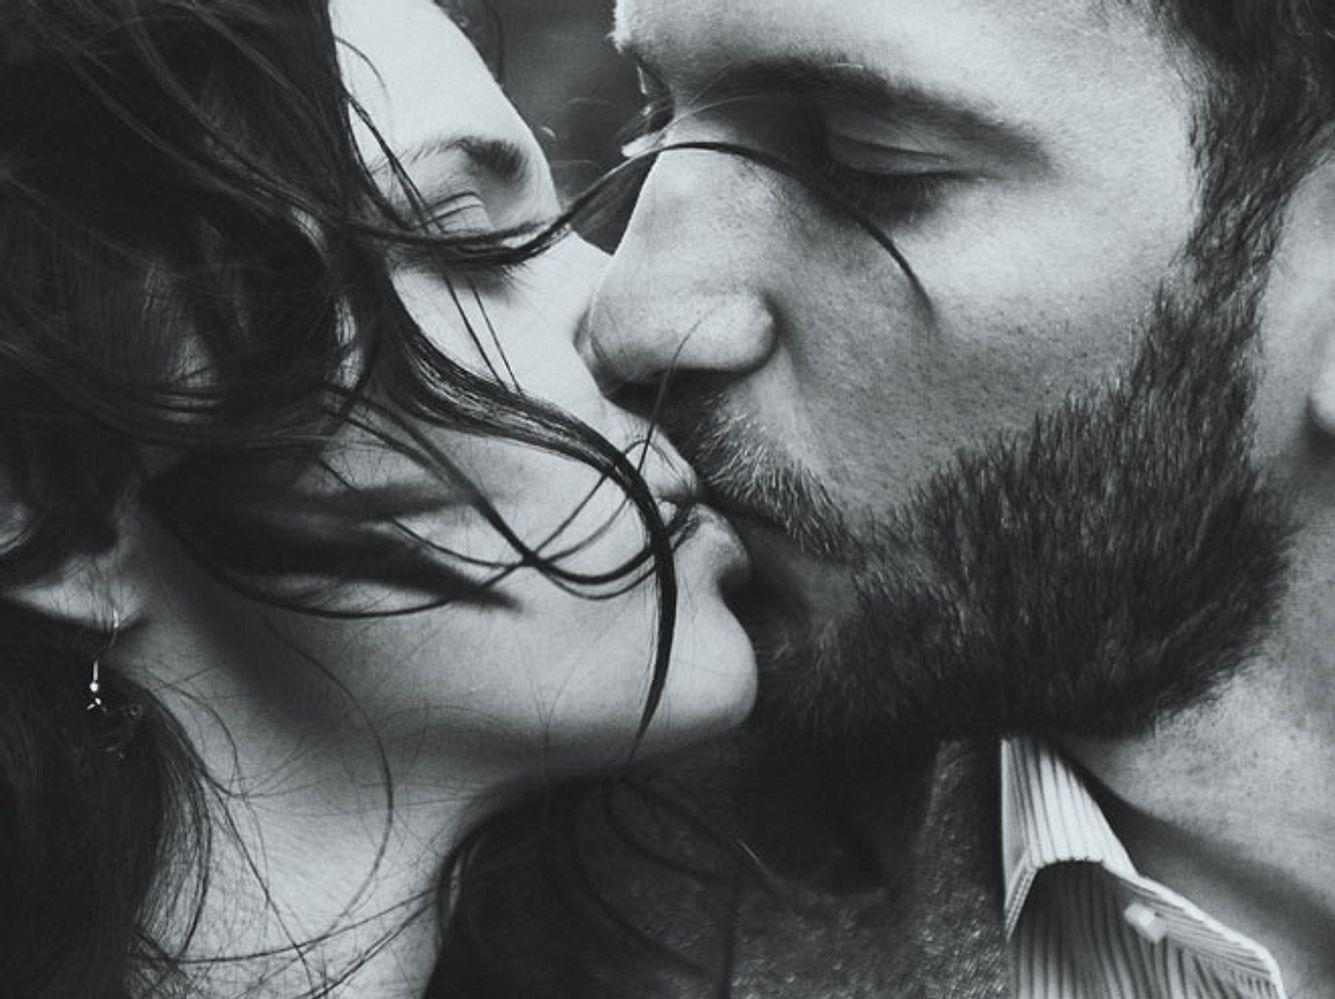 Die Aufarbeitung der Gründe für Untreue kann für eine Beziehung einen erlösenden Neustart möglich machen.